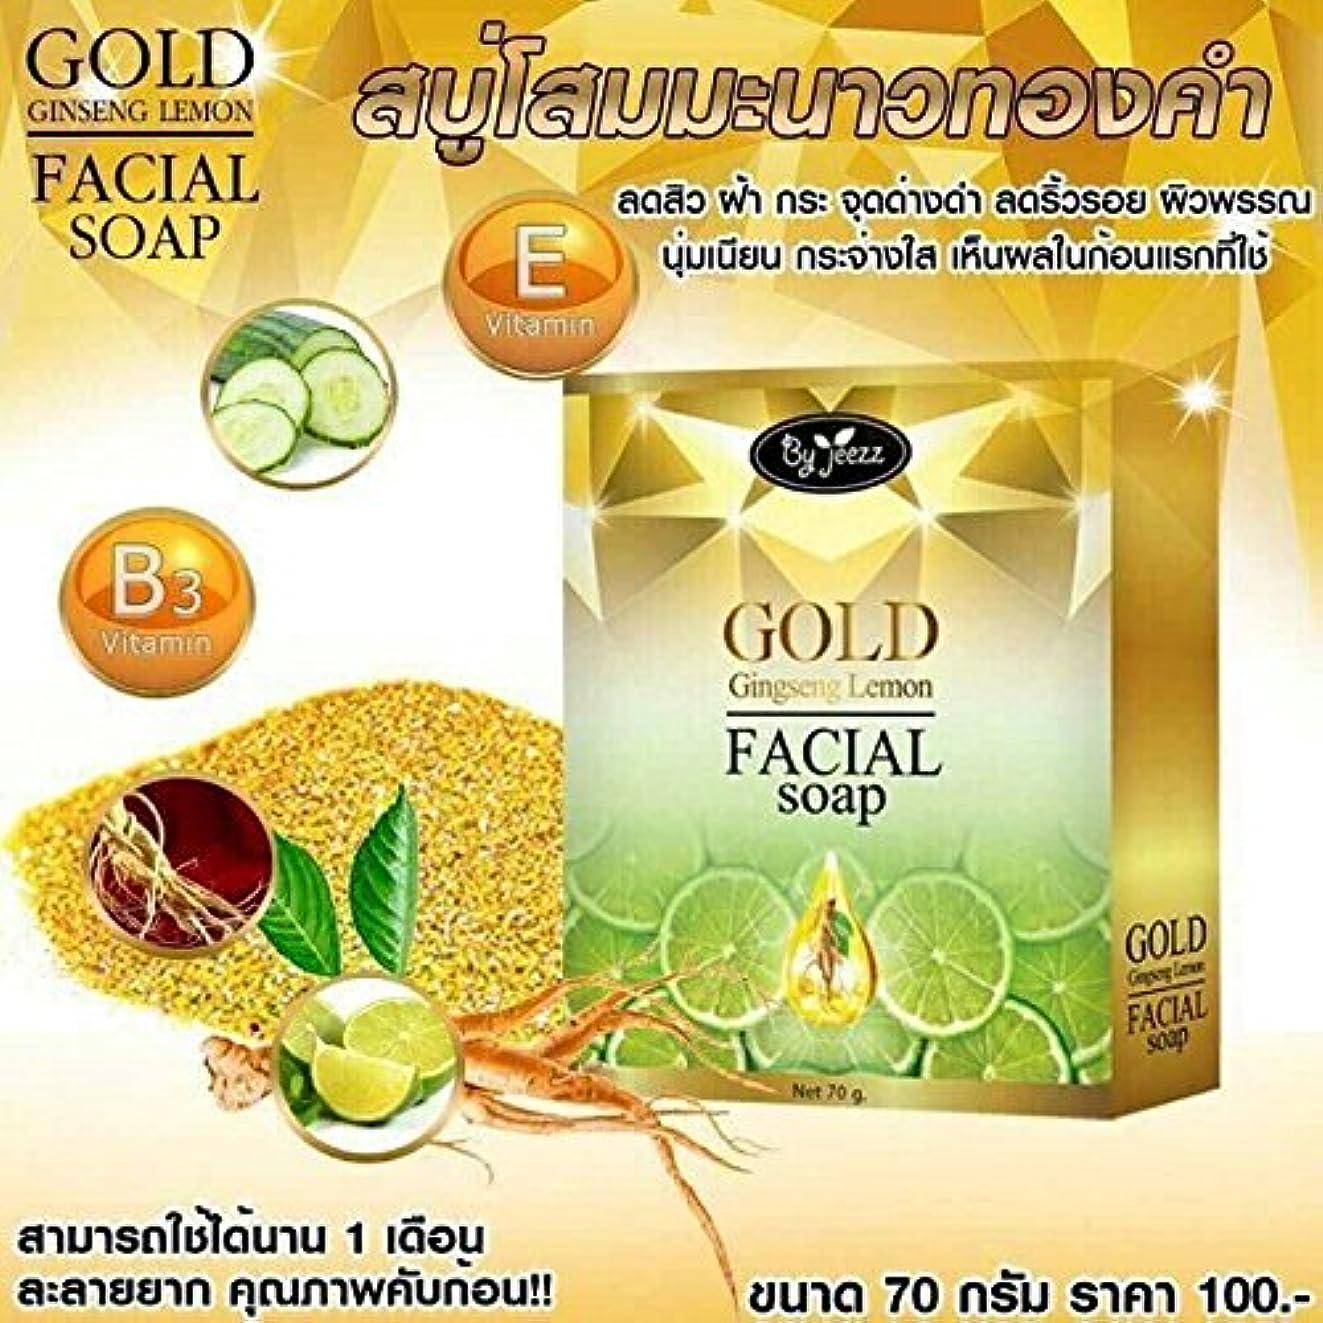 愛申請者超える1 X Natural Herbal Whitening Soap. Ginseng Lemon Soap (Gold Ginseng Lemon Facial Soap by jeezz) 70 g. Free shipping